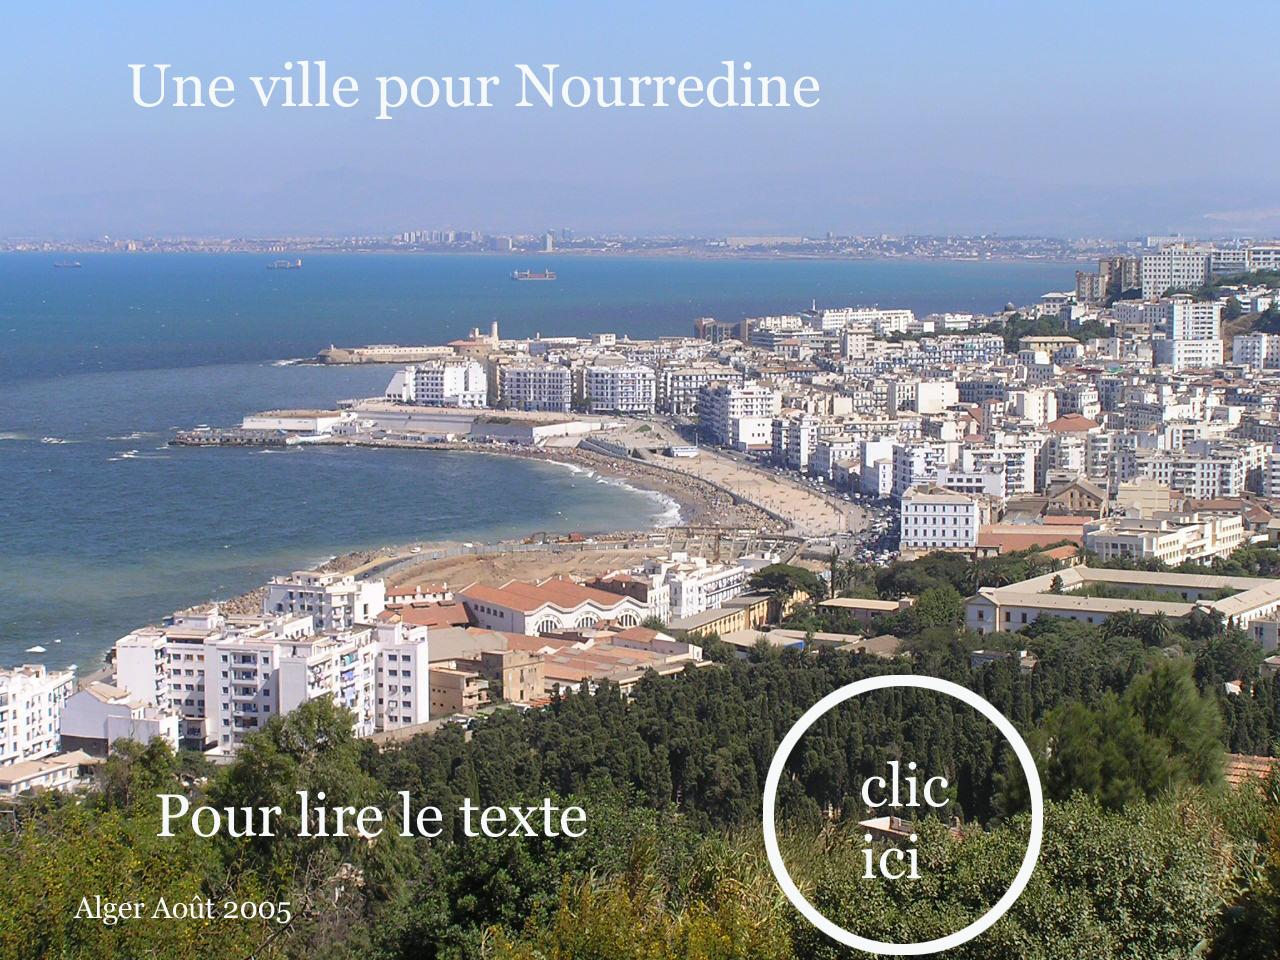 clic-une-ville-pour-nourredine-alger-2006.jpg